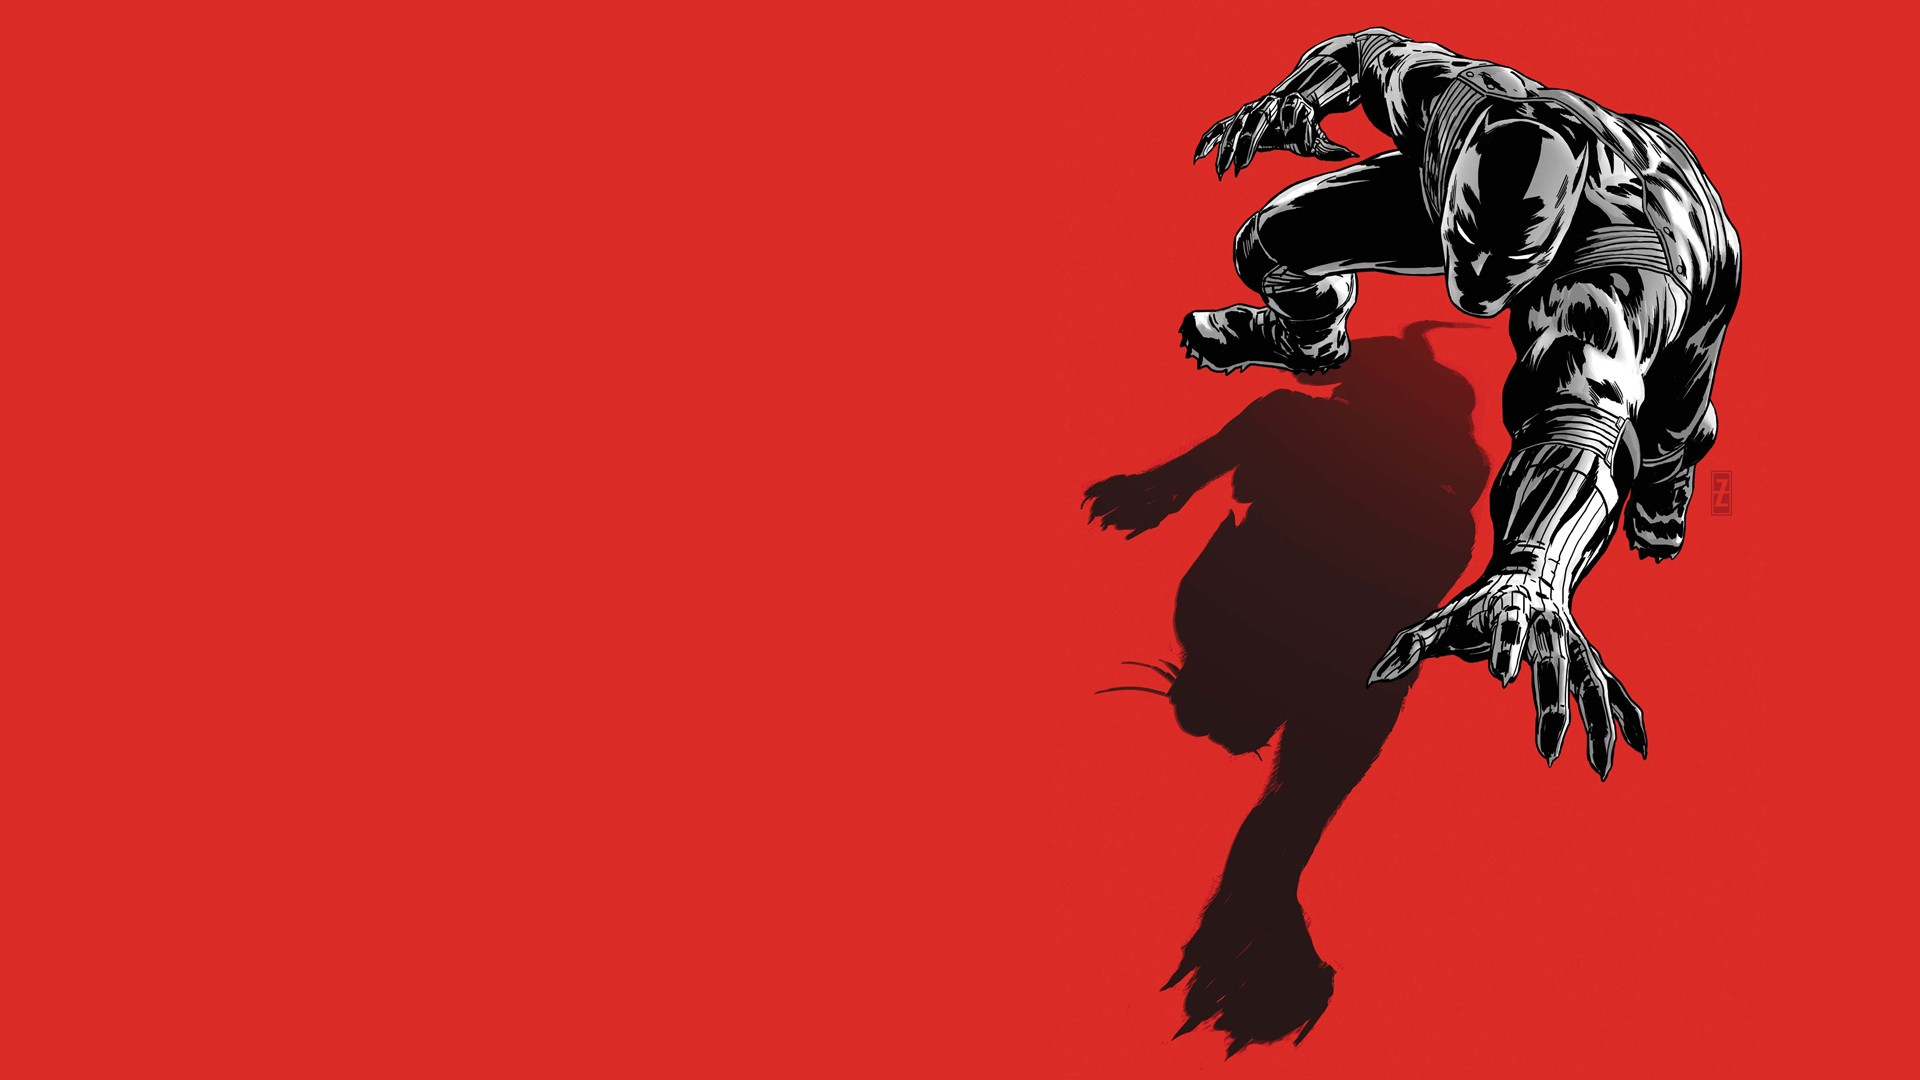 Good Wallpaper Marvel Iphone 7 - black-panther-marvel-wallpaper-26  You Should Have_754660.jpg